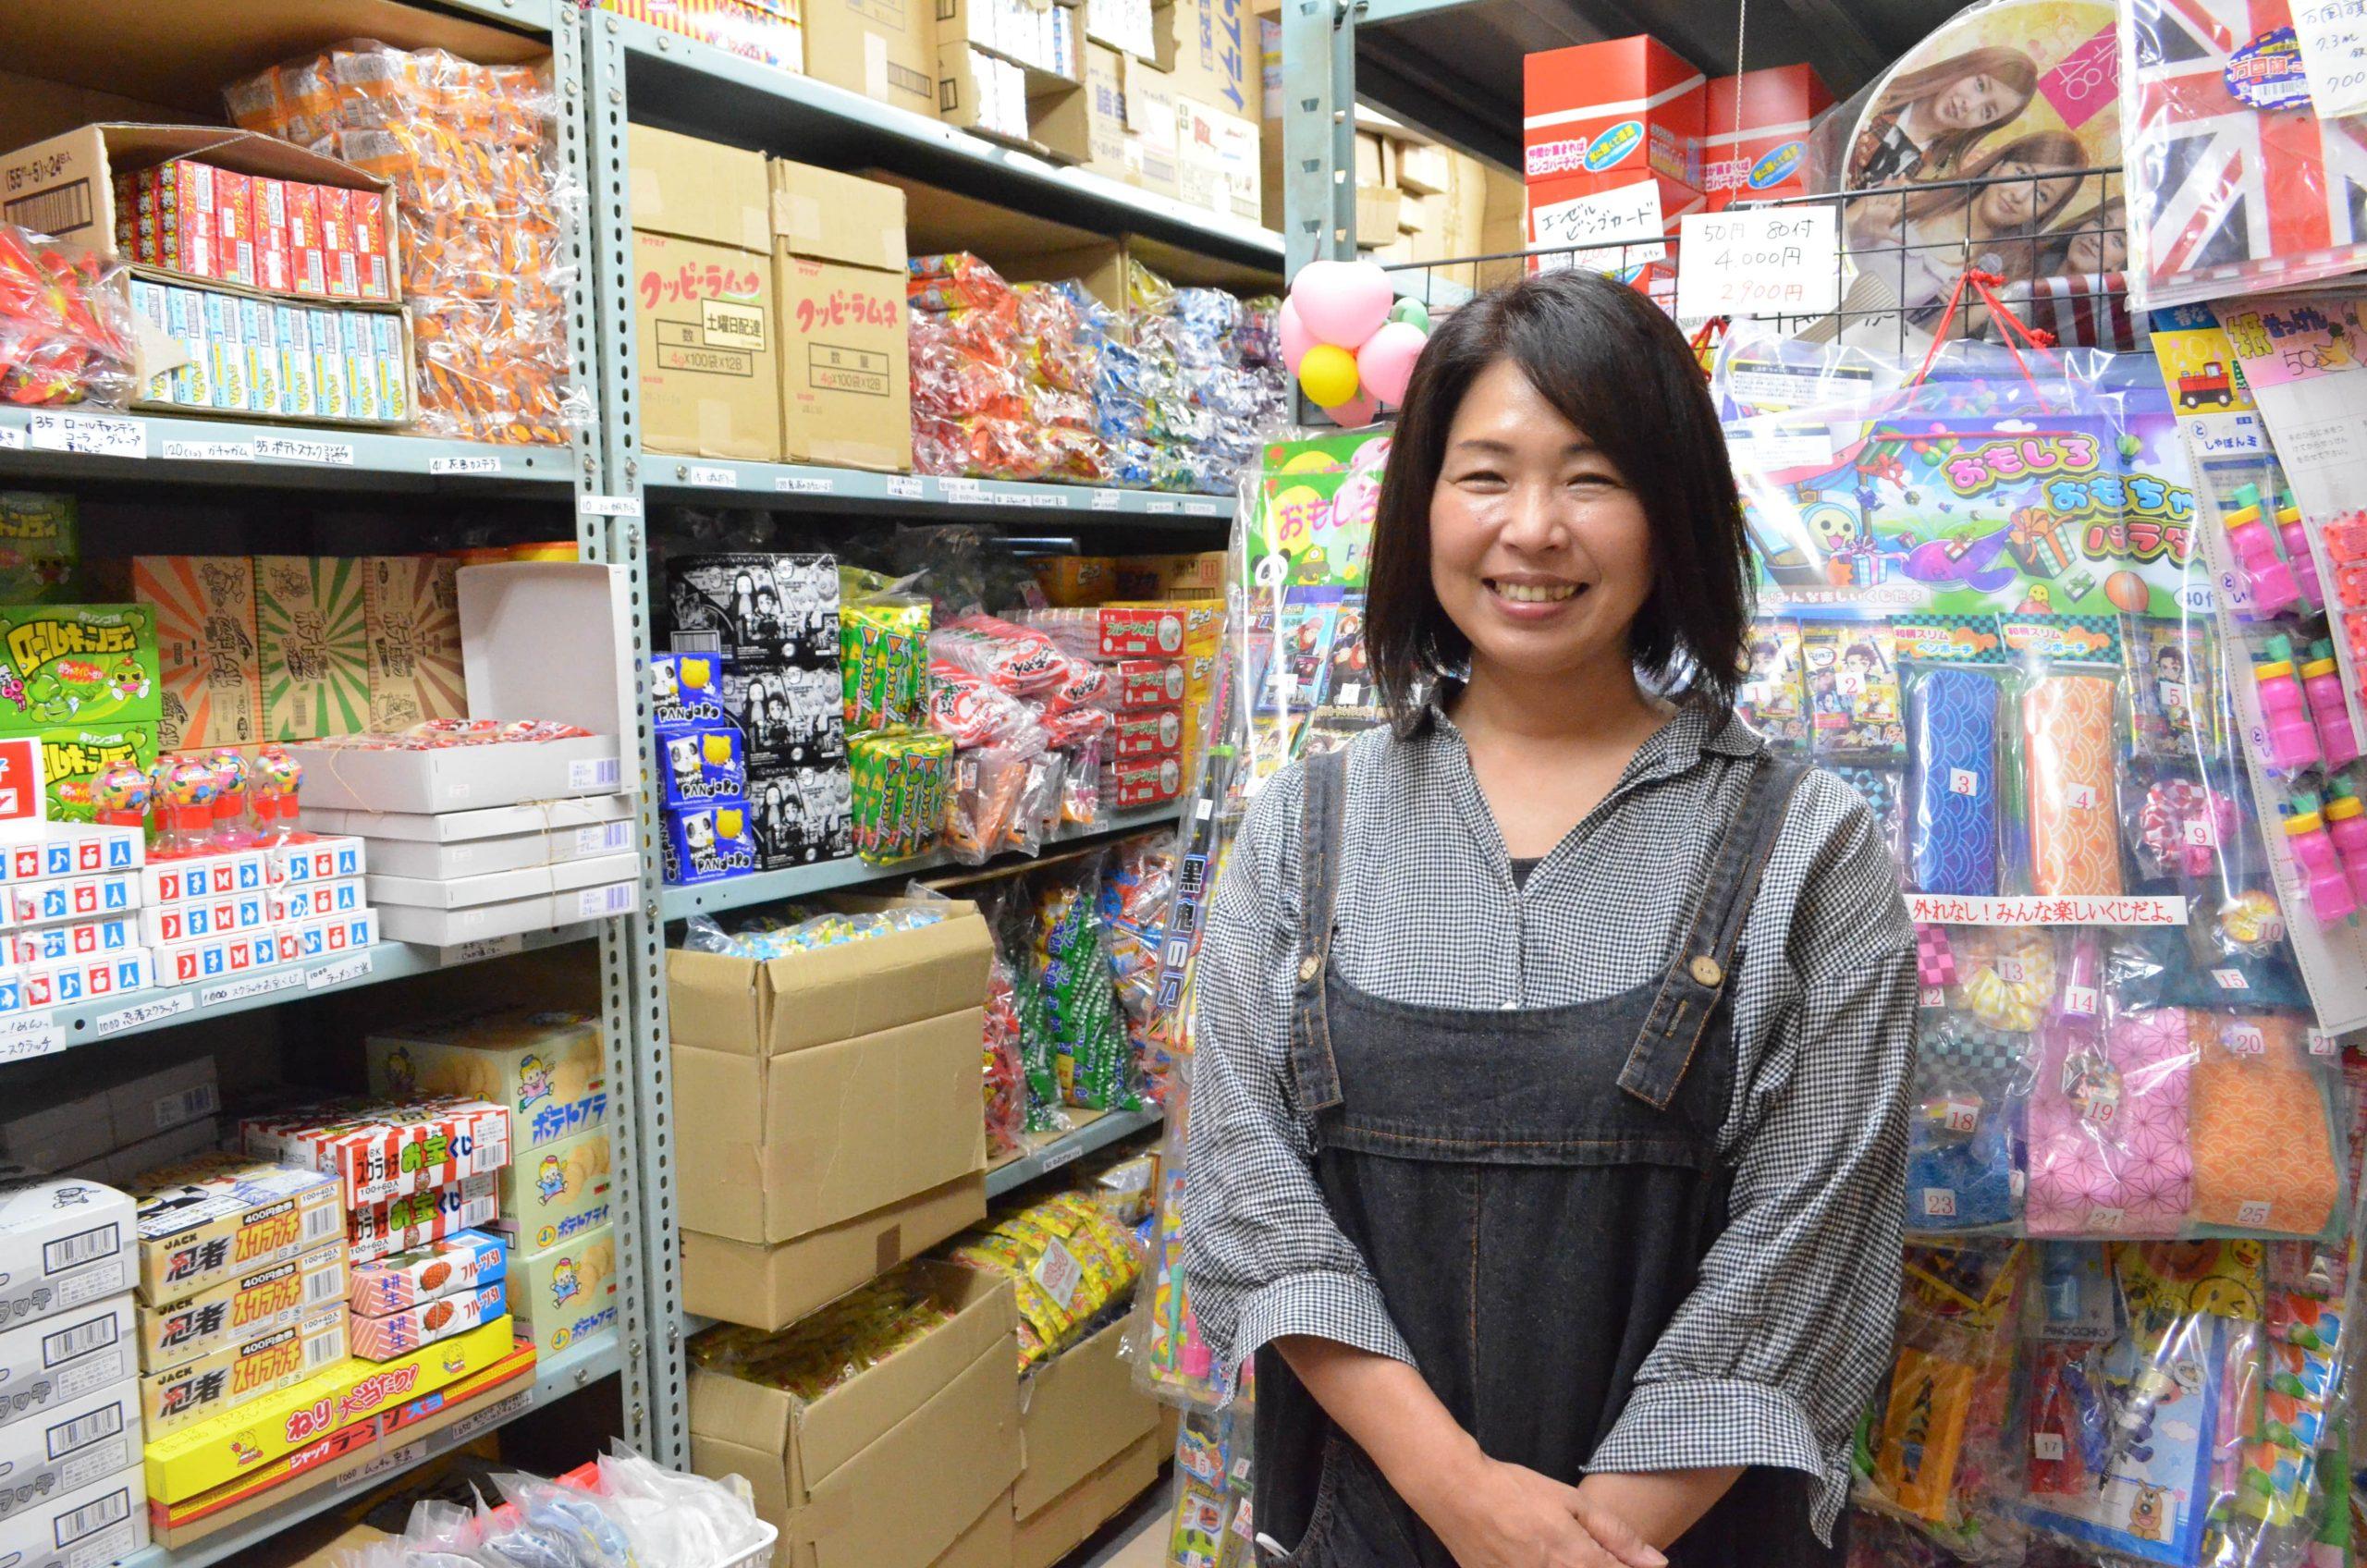 バルーンパフォーマーからの転身!100年続く小売店を承継、令和の駄菓子屋参上!